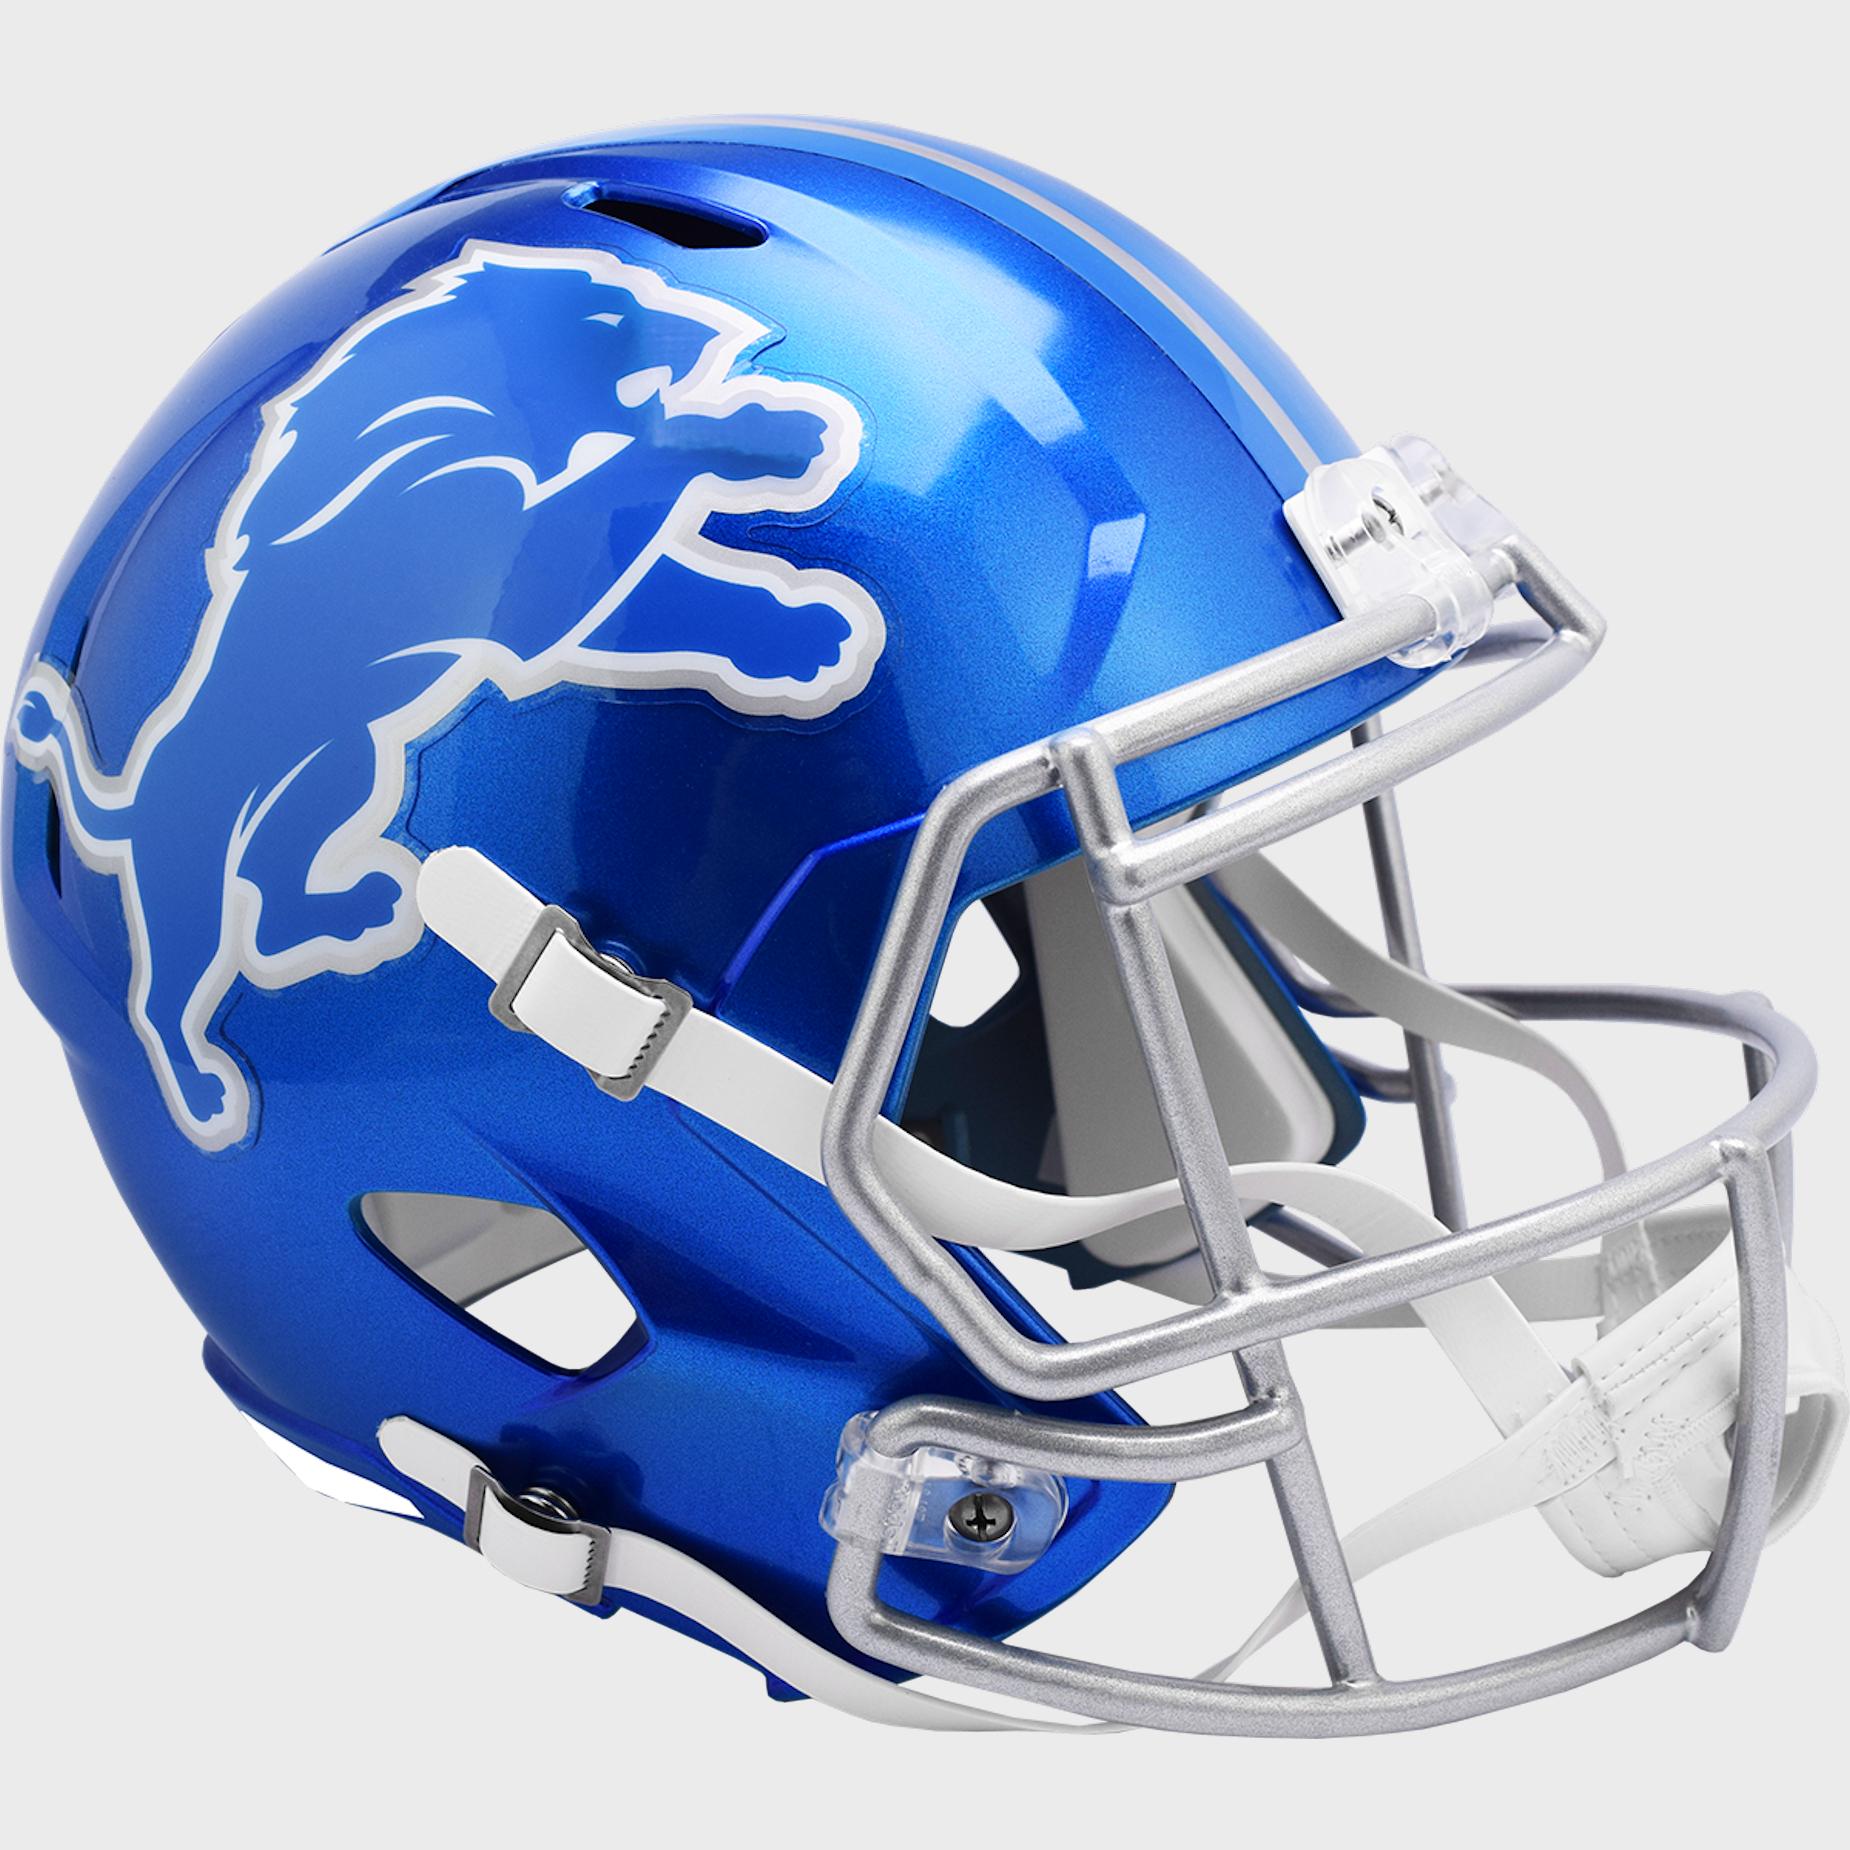 Detroit Lions Speed Replica Football Helmet <B>FLASH ESD 8/21/21</B>